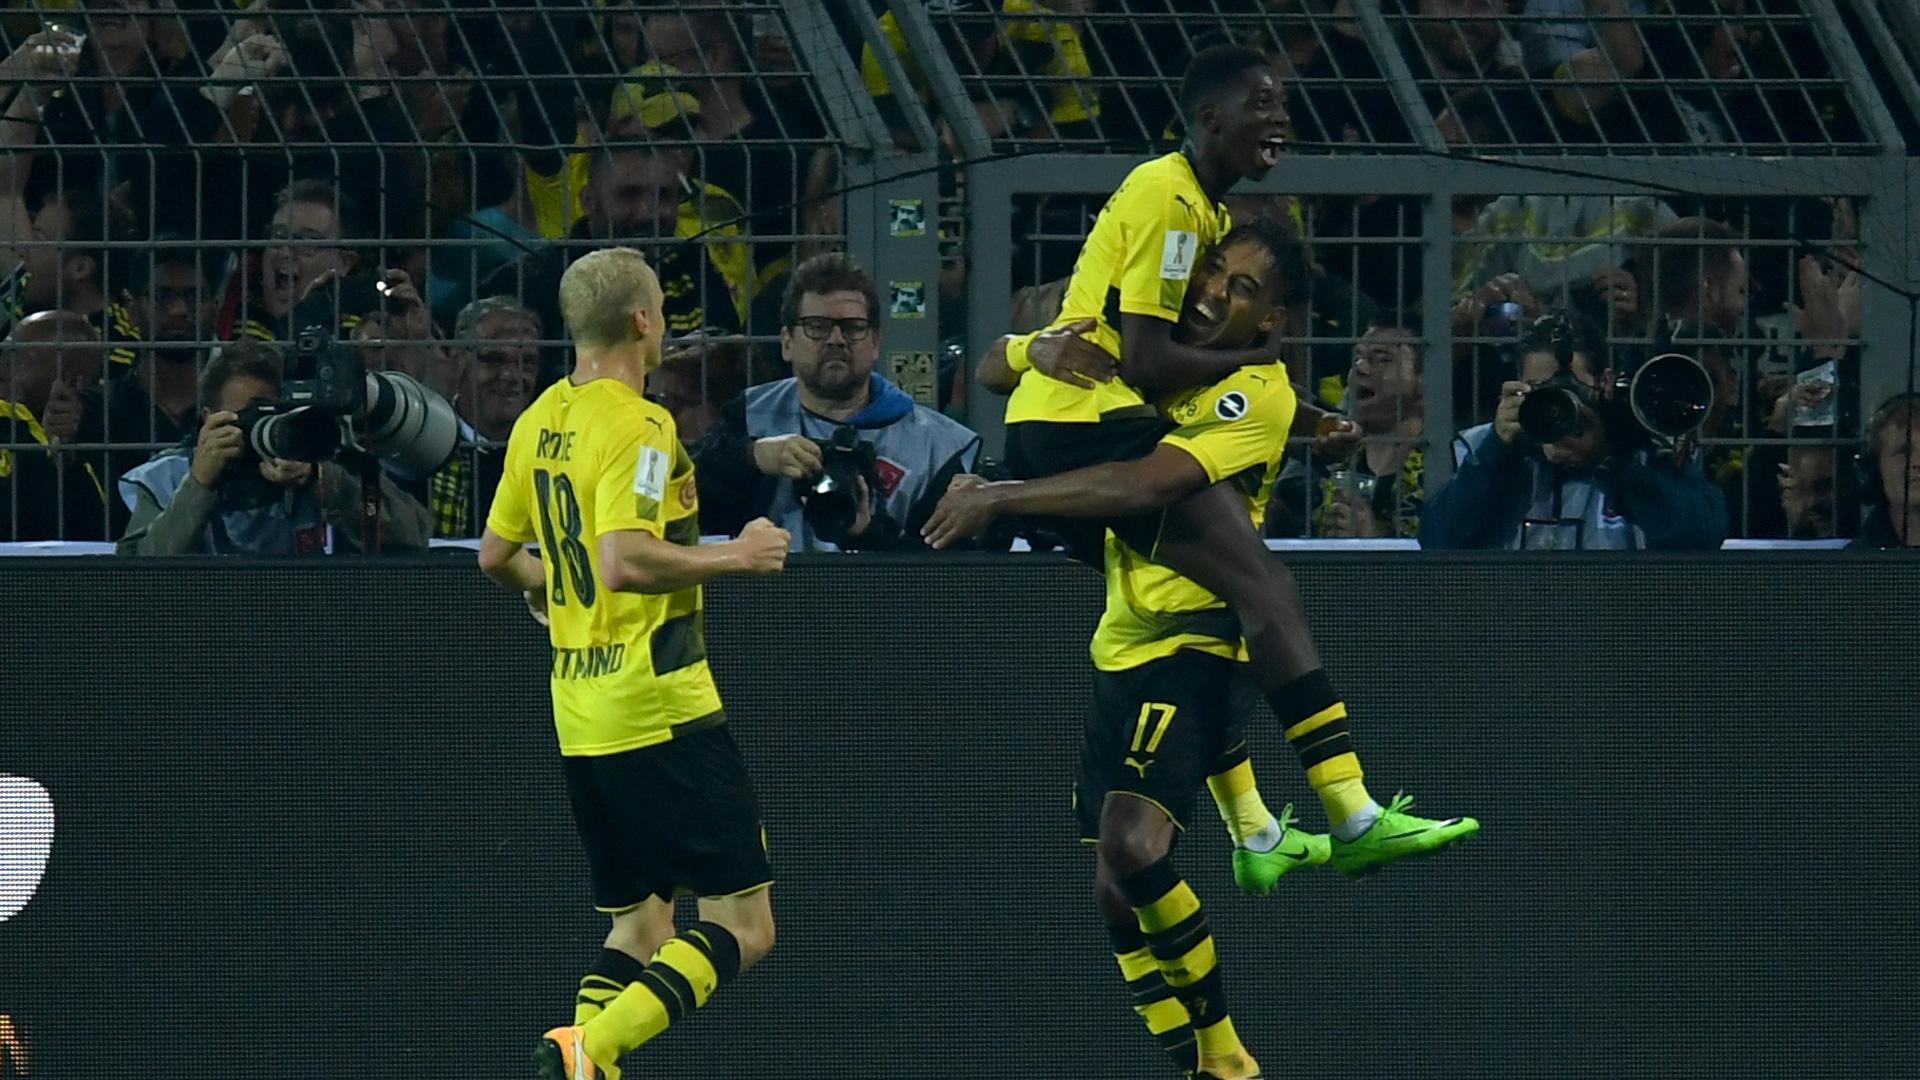 Unentschuldigt nicht beim Training: Neuer Ärger beim BVB um Dembélé